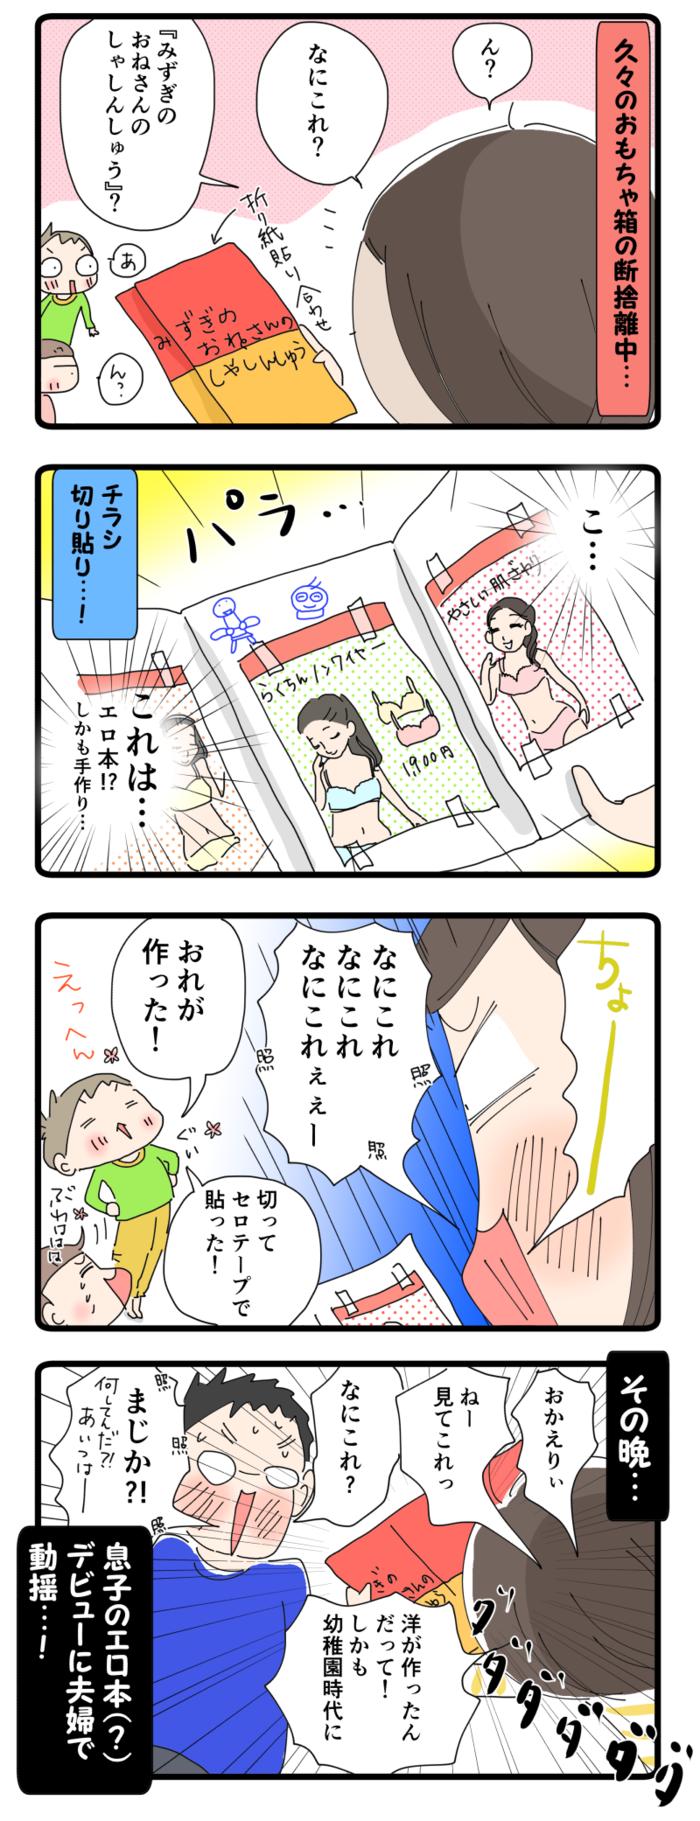 """早すぎる!?息子の""""衝撃""""エロ本デビューは5歳だった…。の画像1"""